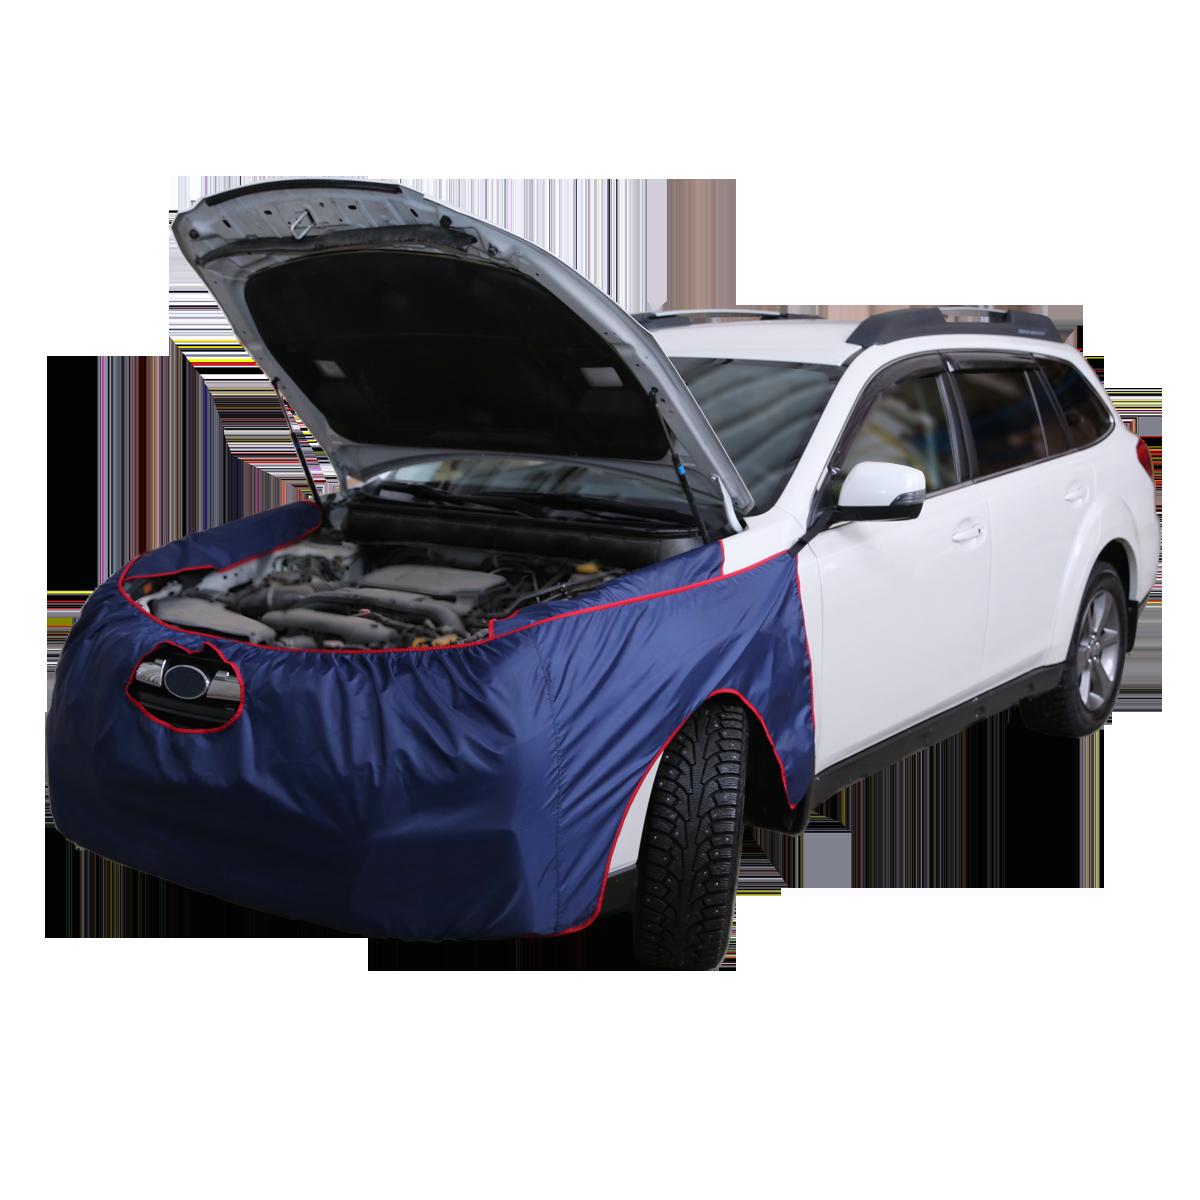 Накидки на переднюю часть автомобиля тканевые.